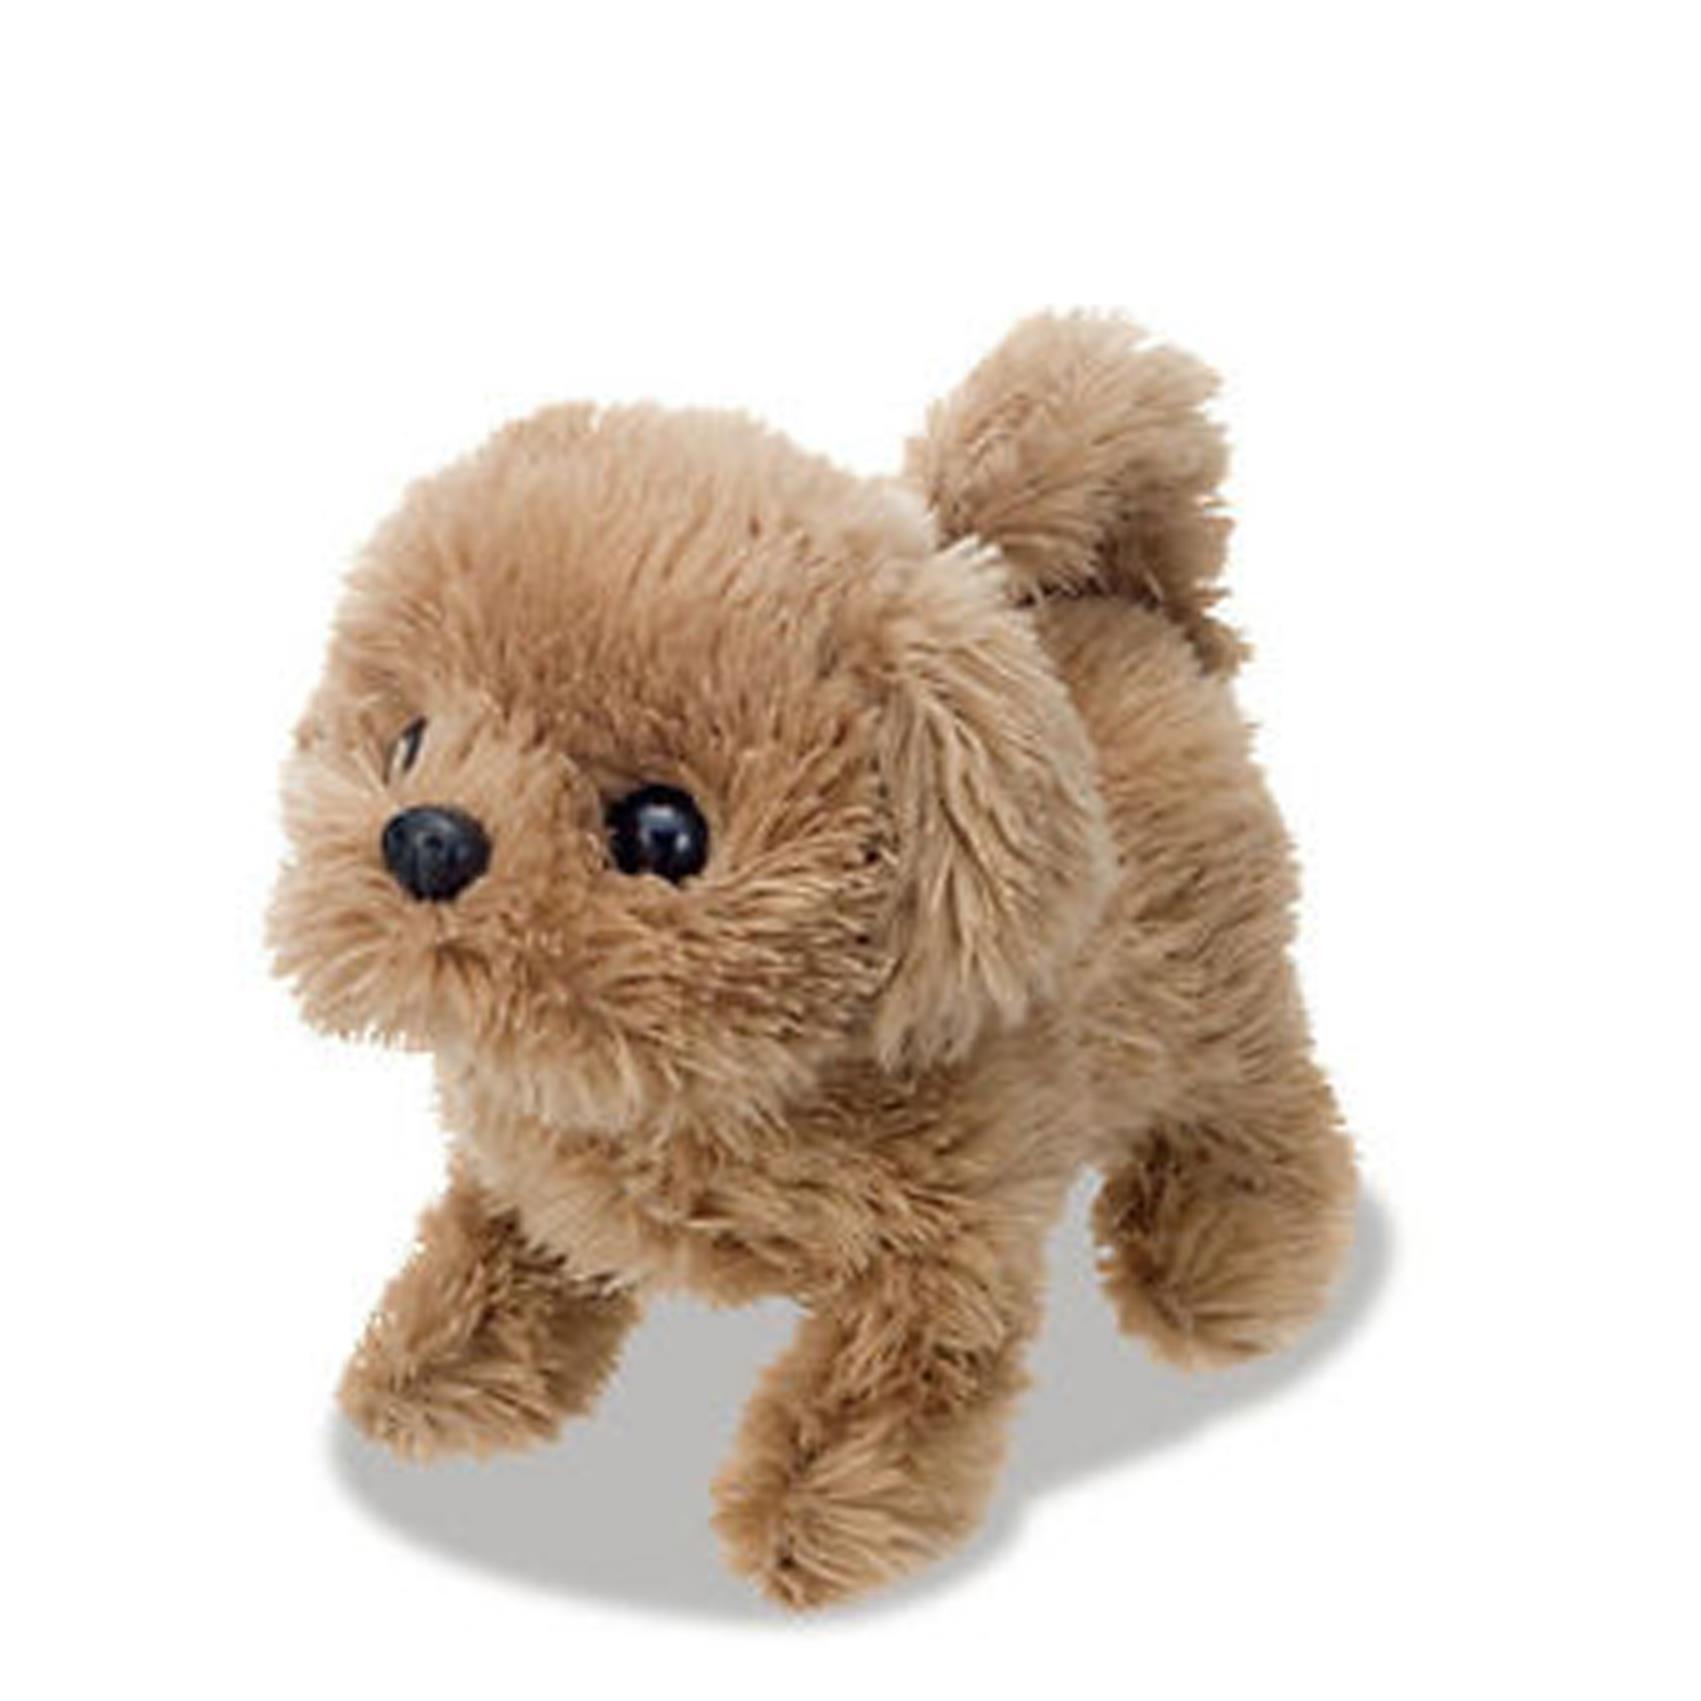 Kid's Kingdom, Hitomi, đồ chơi Nhật Bản, đồ chơi thông minh, đồ chơi an toàn, đồ chơi cho bé, vệ sinh đồ chơi, cha mẹ thông minh